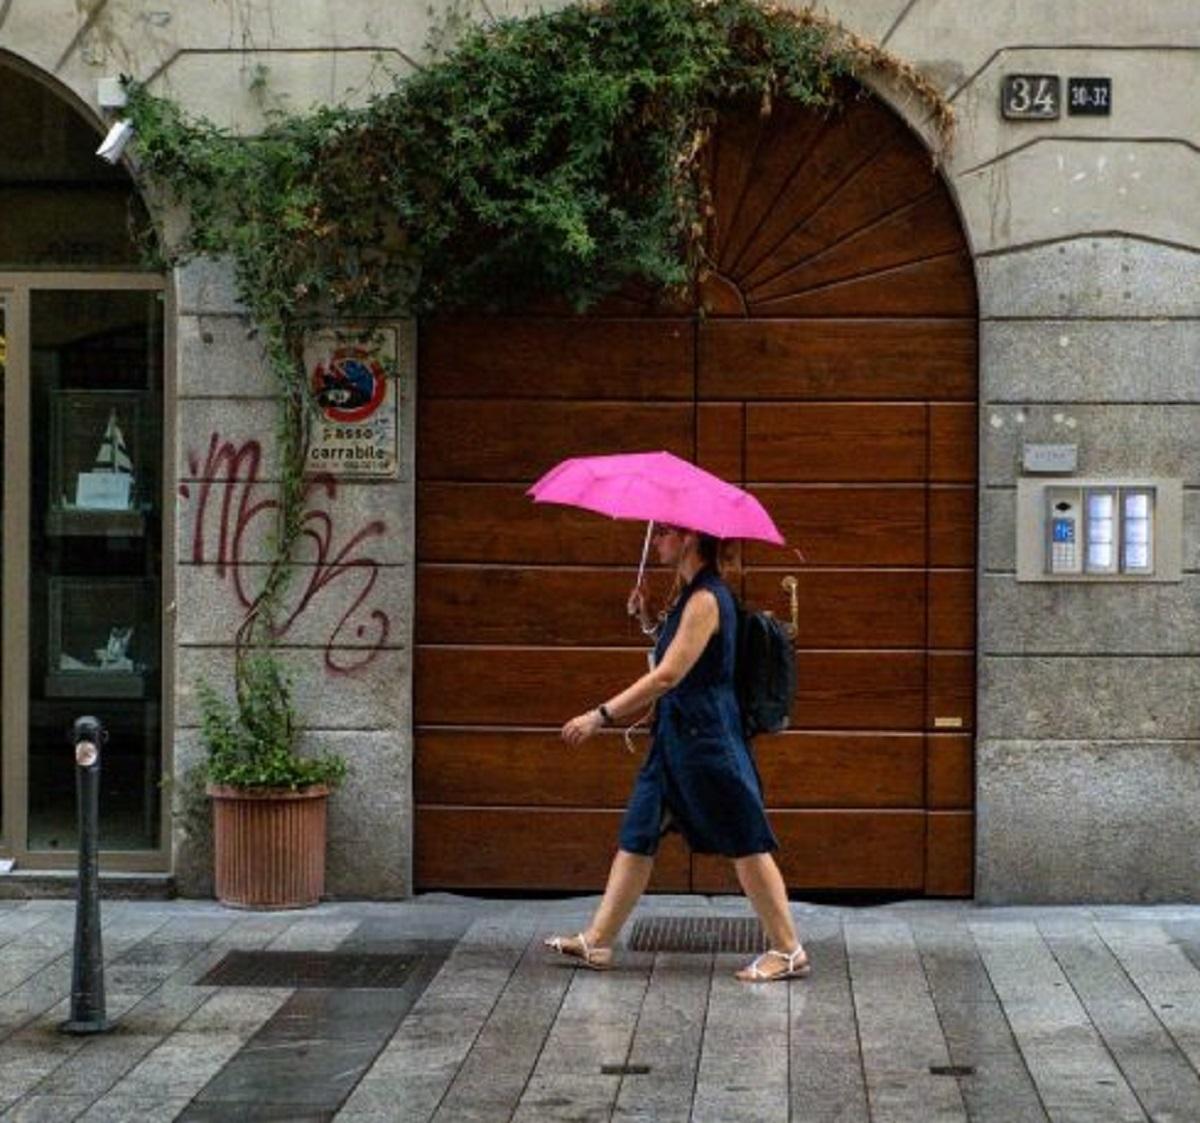 Meteo Italia 2 settembre 2021 previsioni piogge